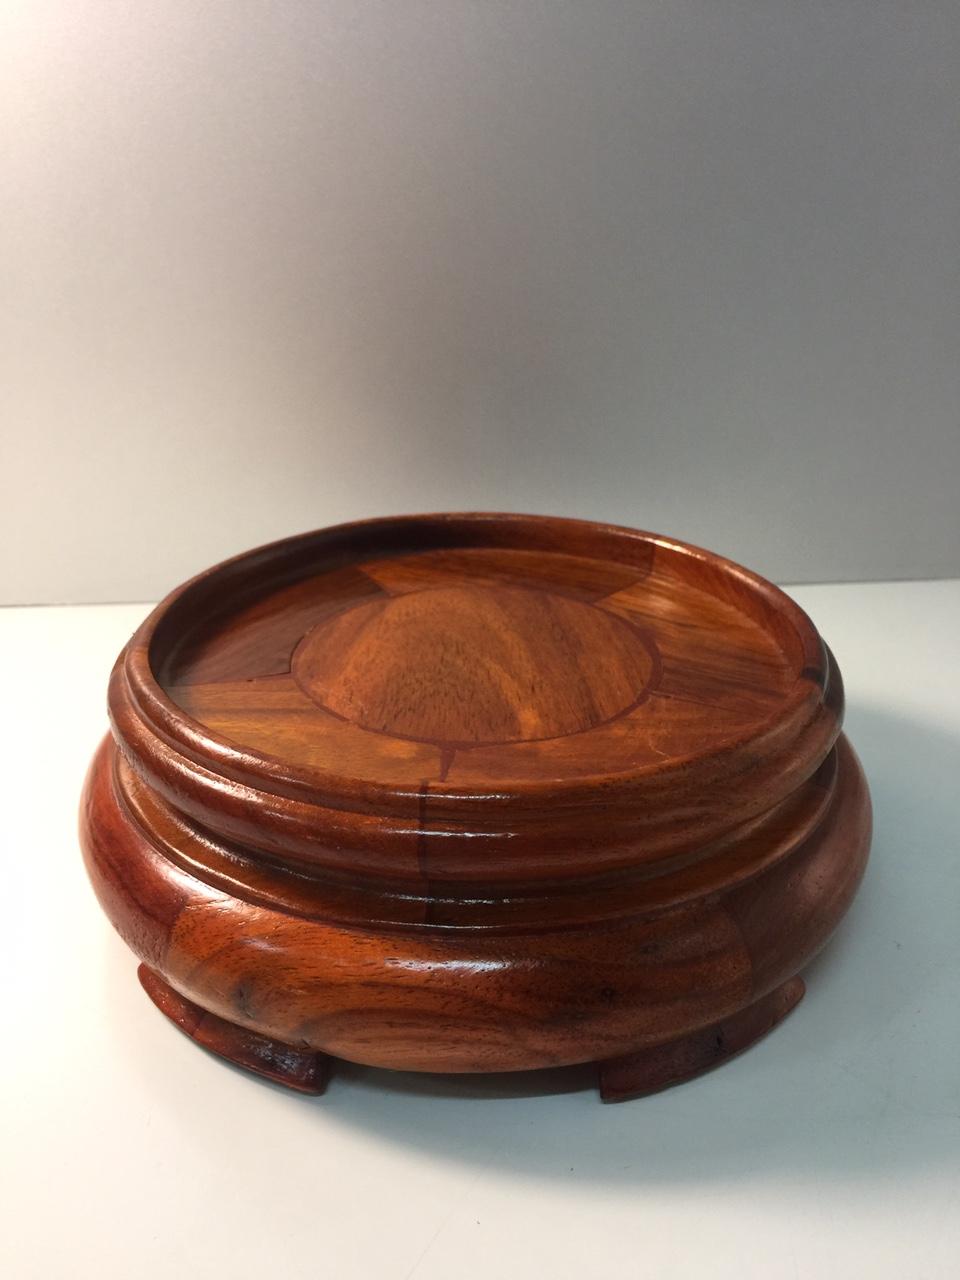 Đế Bát Hương chất liệu gỗ hương (kê bát hương) - 5,5x18 cm